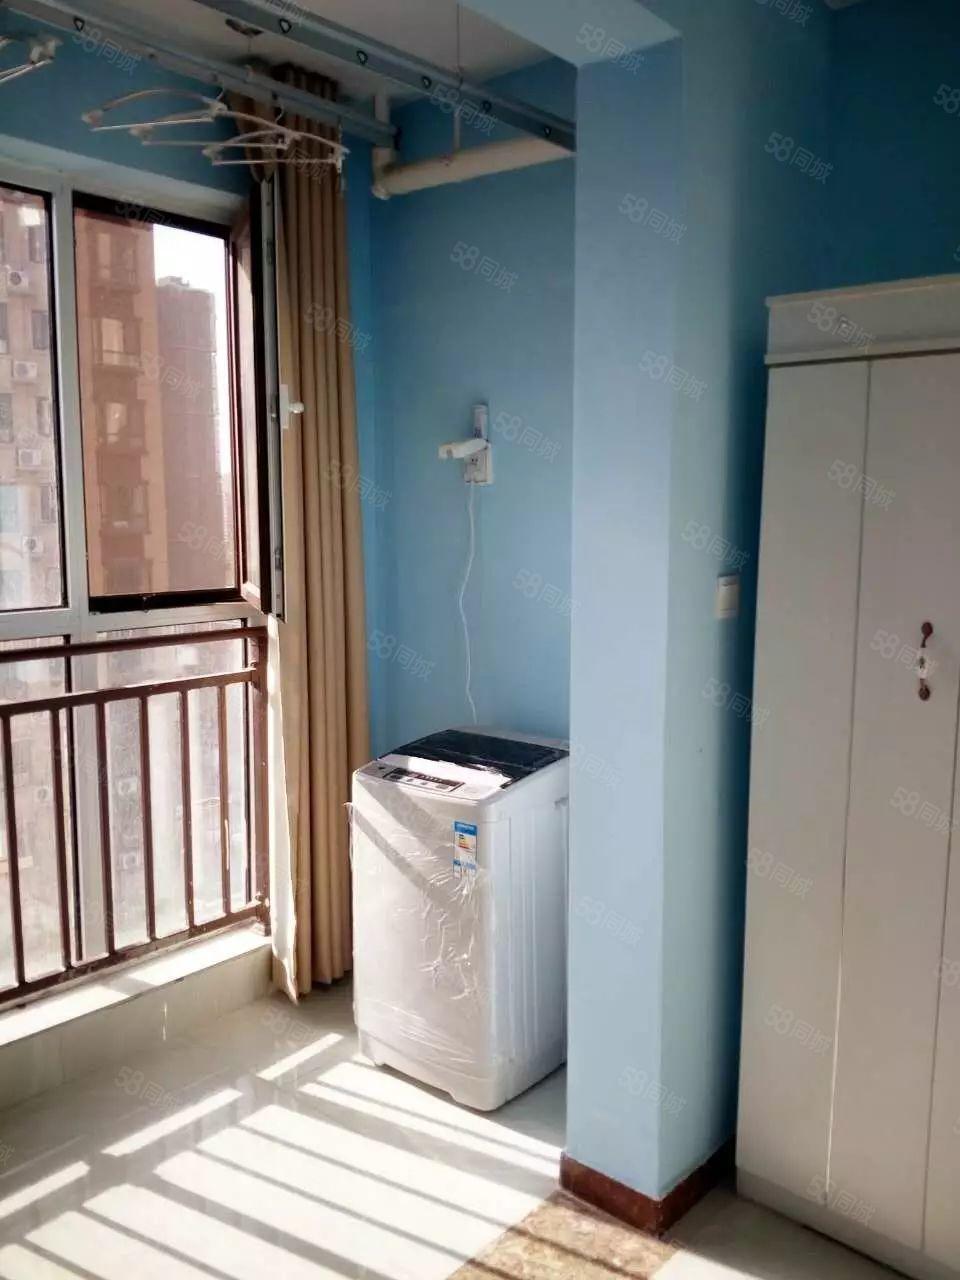 郑大东门附近紧邻地铁翰林国际两室一厅家电齐全随时看房入住